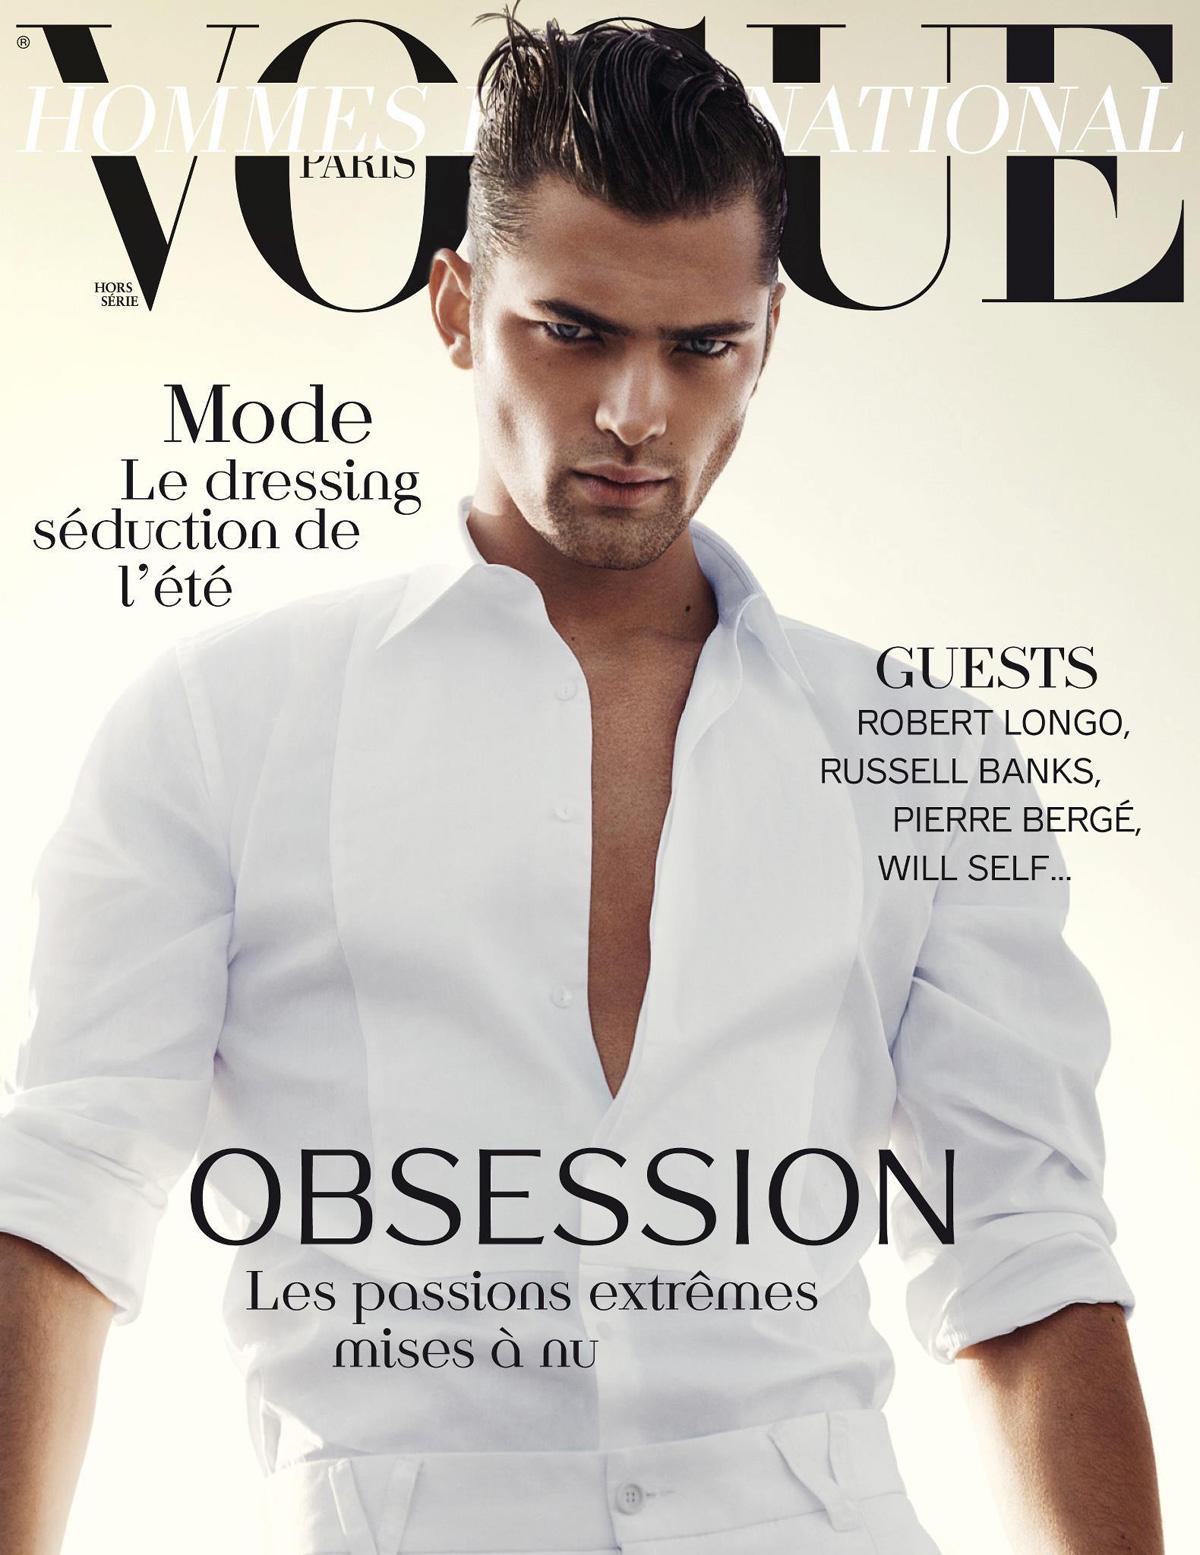 mundo models: